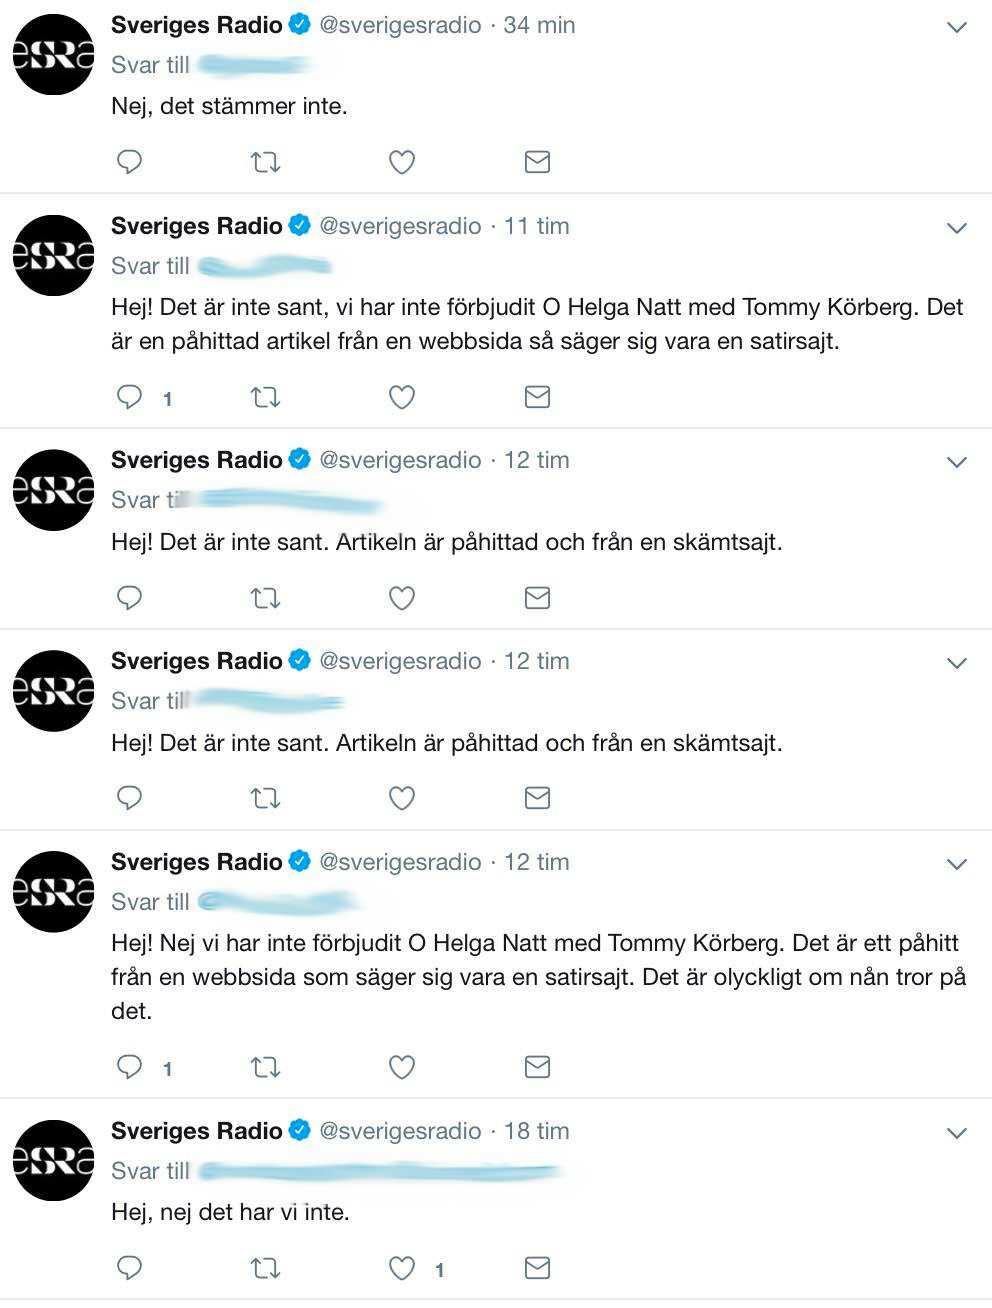 Sveriges Radios sociala medier-redaktörer har fått svara på många frågor om den fejkade nyheten.